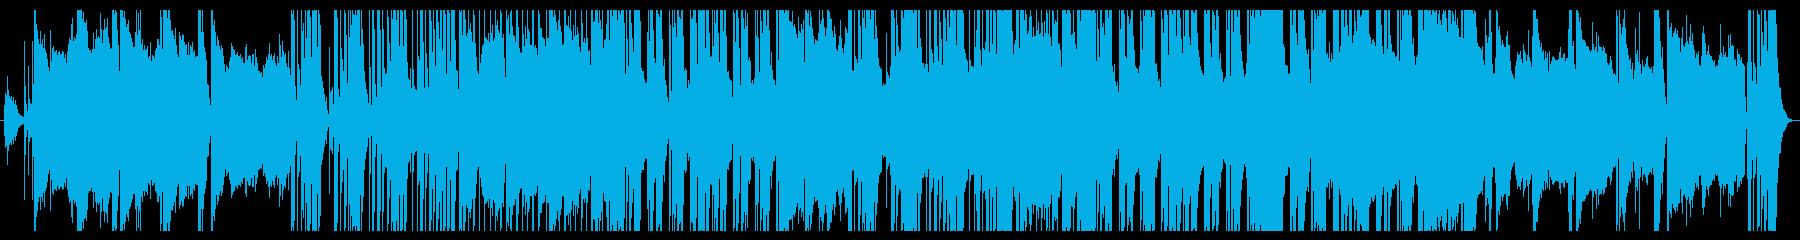 80年代LAロック的スキャットの利いた曲の再生済みの波形